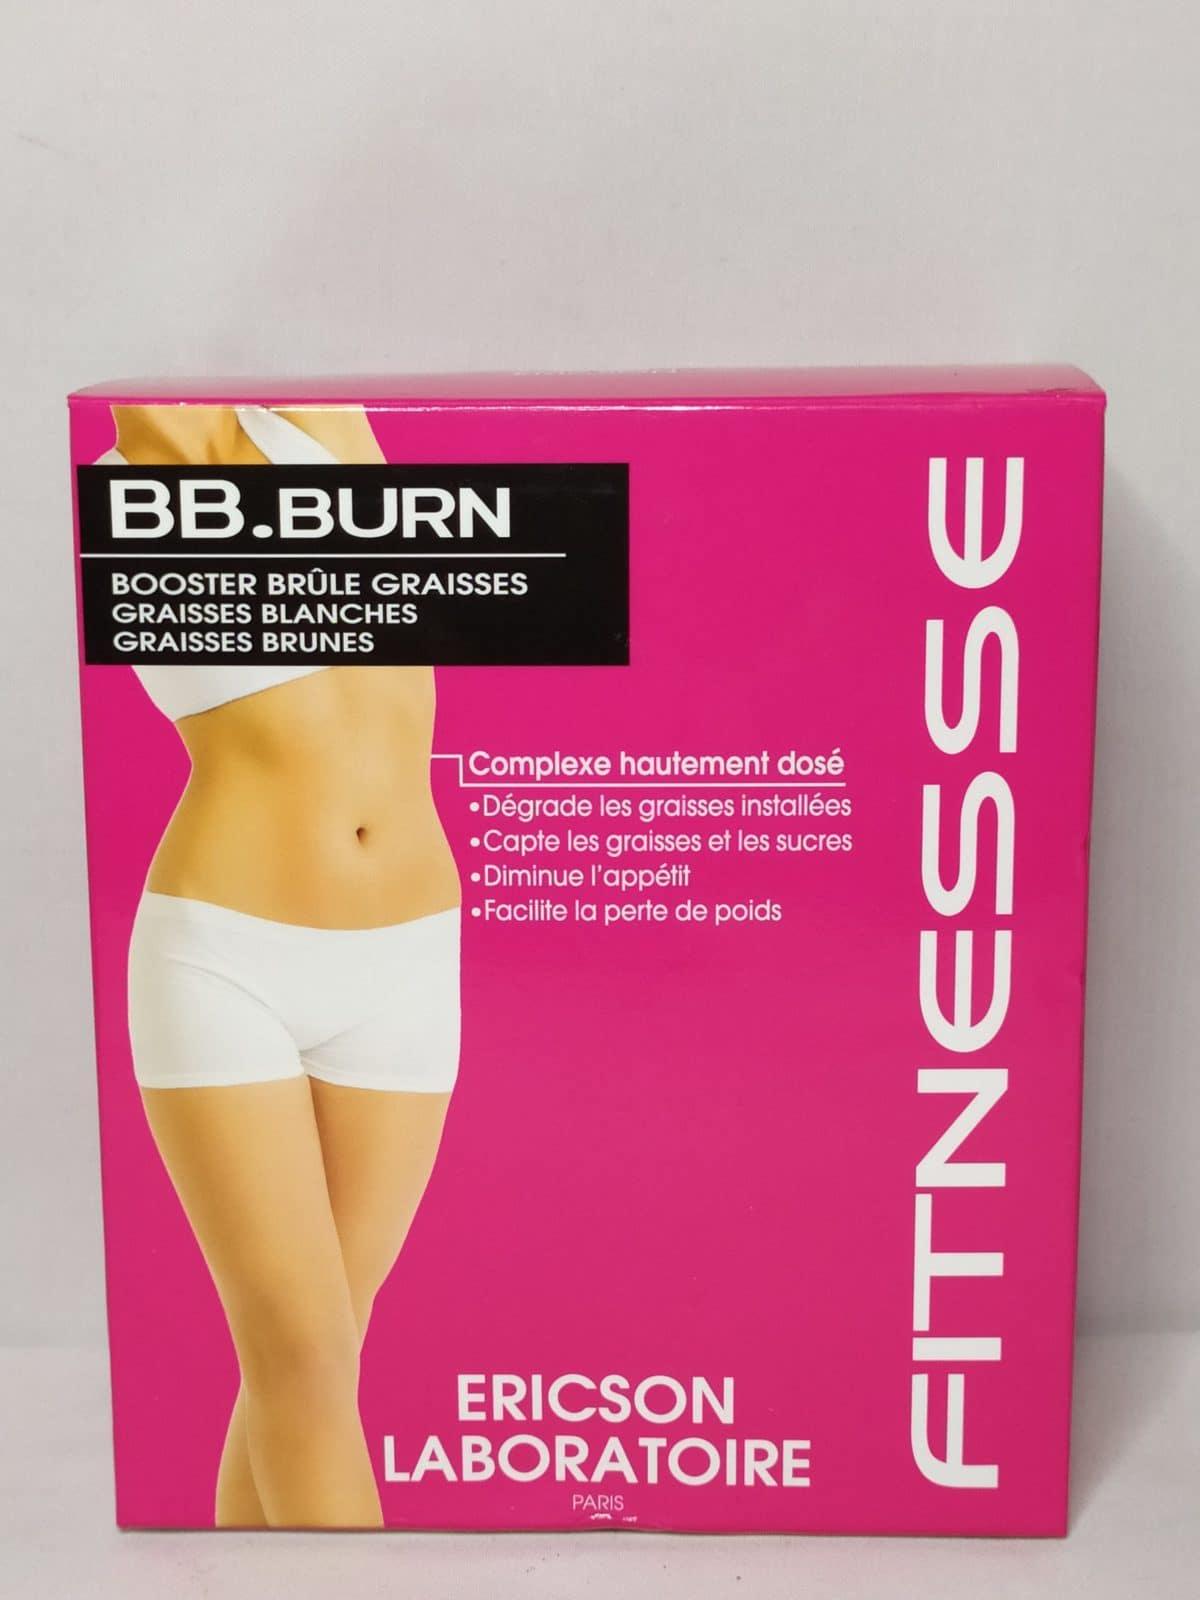 BB. BURN BRÛLE GRAISSE